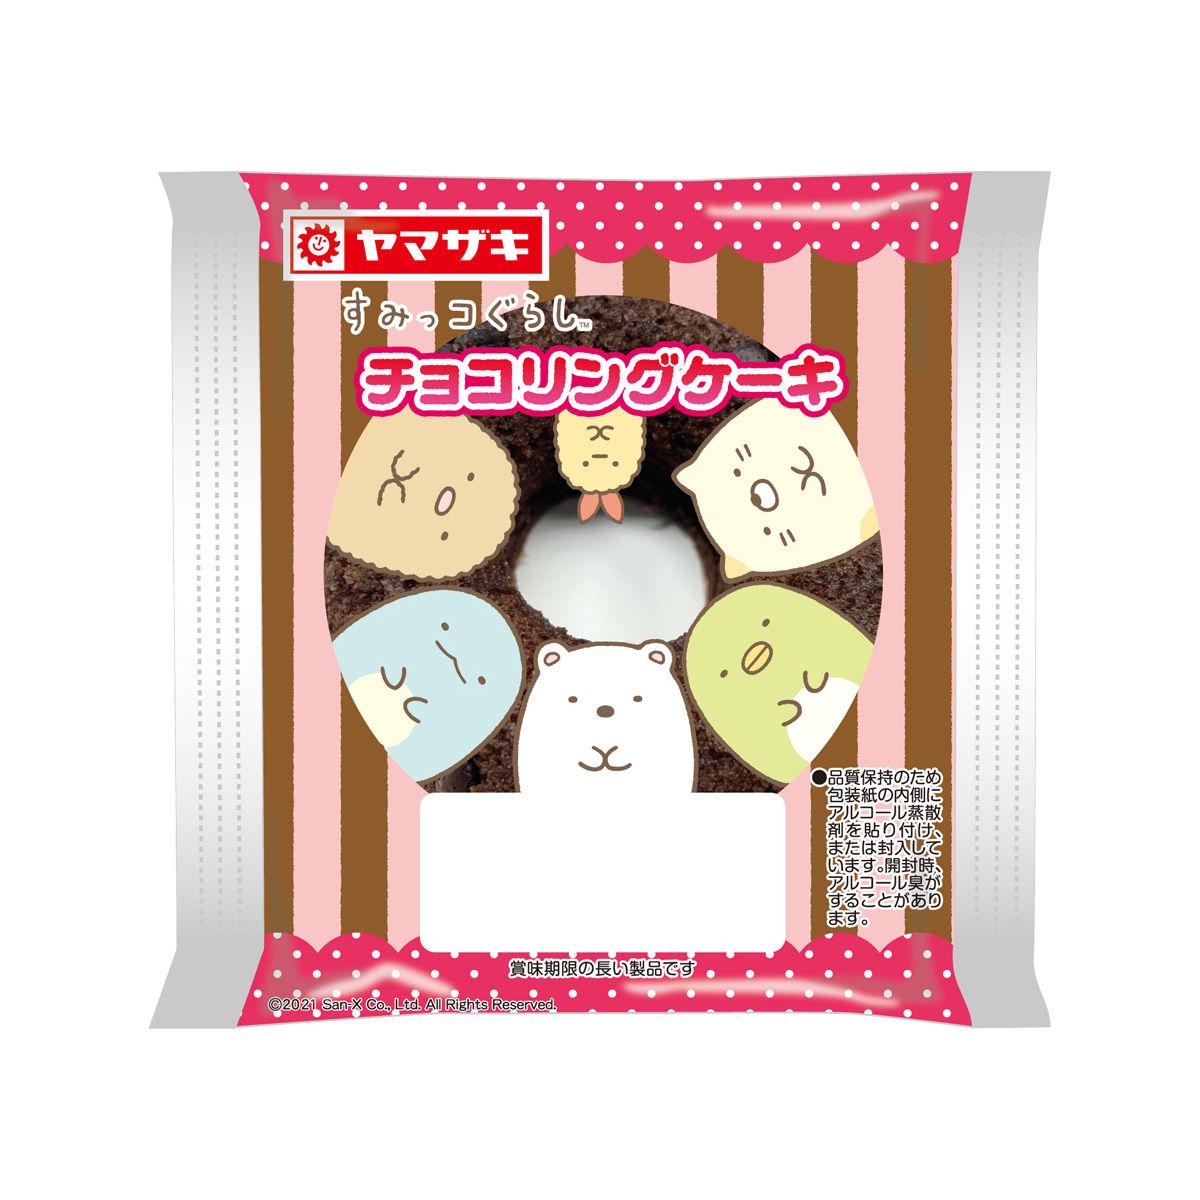 すみっコぐらし チョコリングケーキ_0